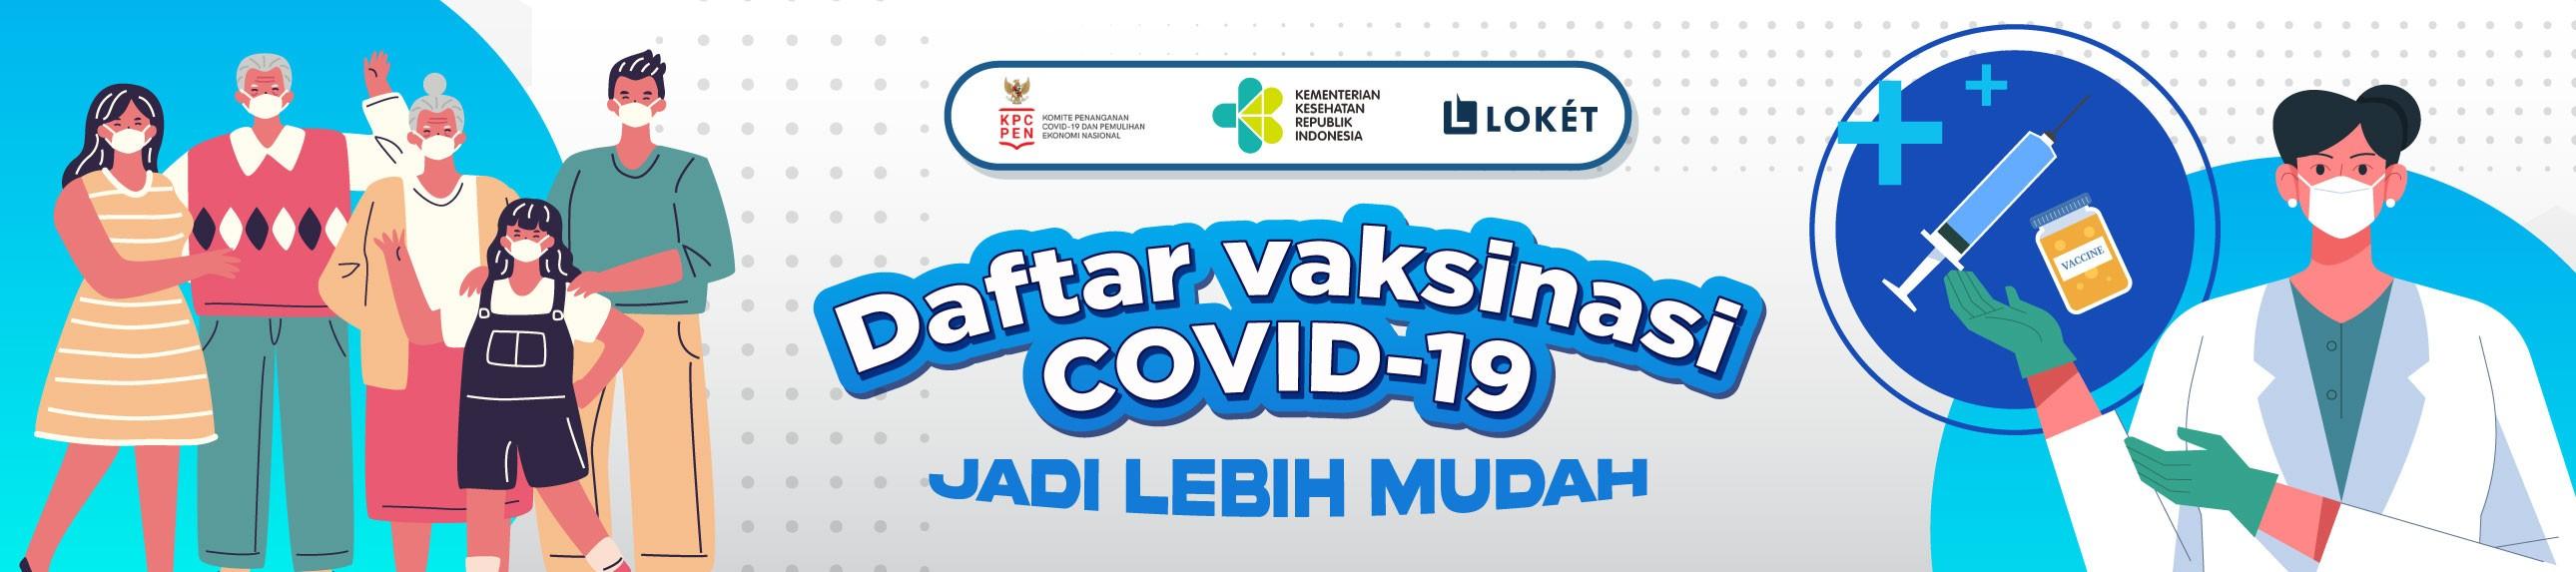 Vaksin DKI Jakarta